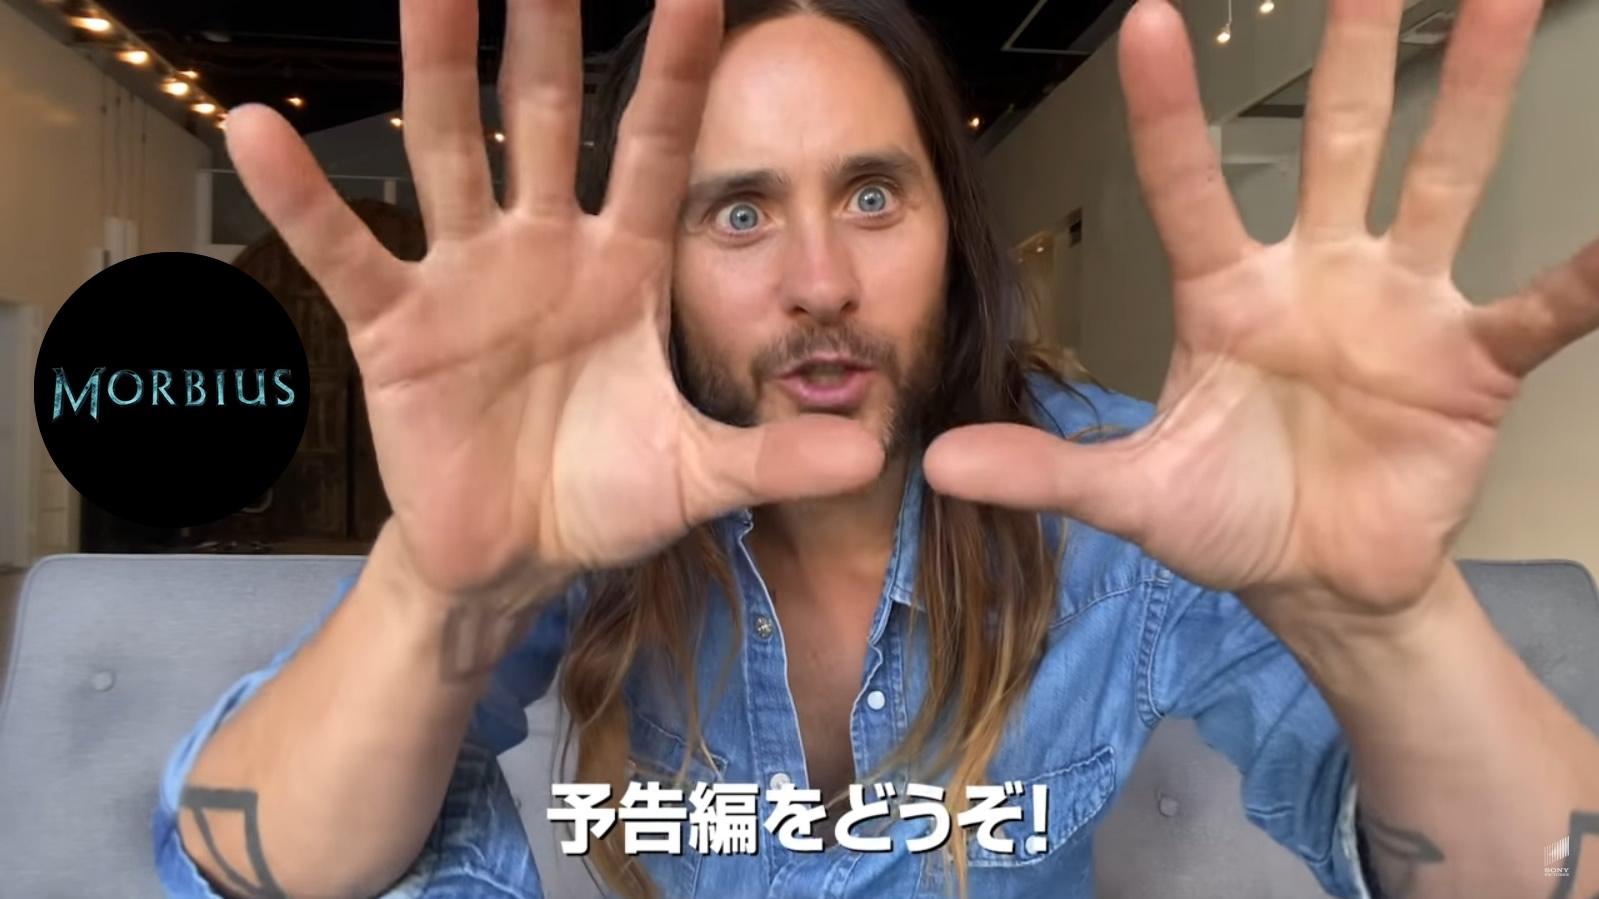 MORBIUS | Sony divulga trailer japonês introdução de Jared Leto